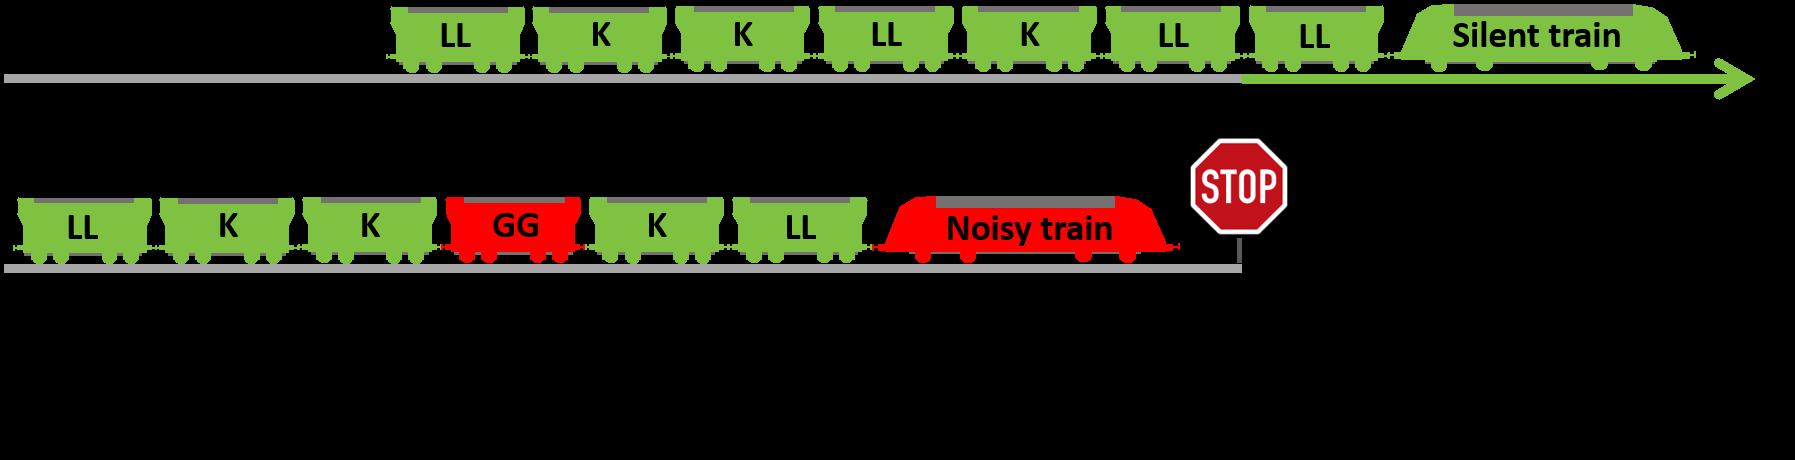 Umsetzung des Fahrverbots lauter Güterzüge auf dem deutschen Schienennetz